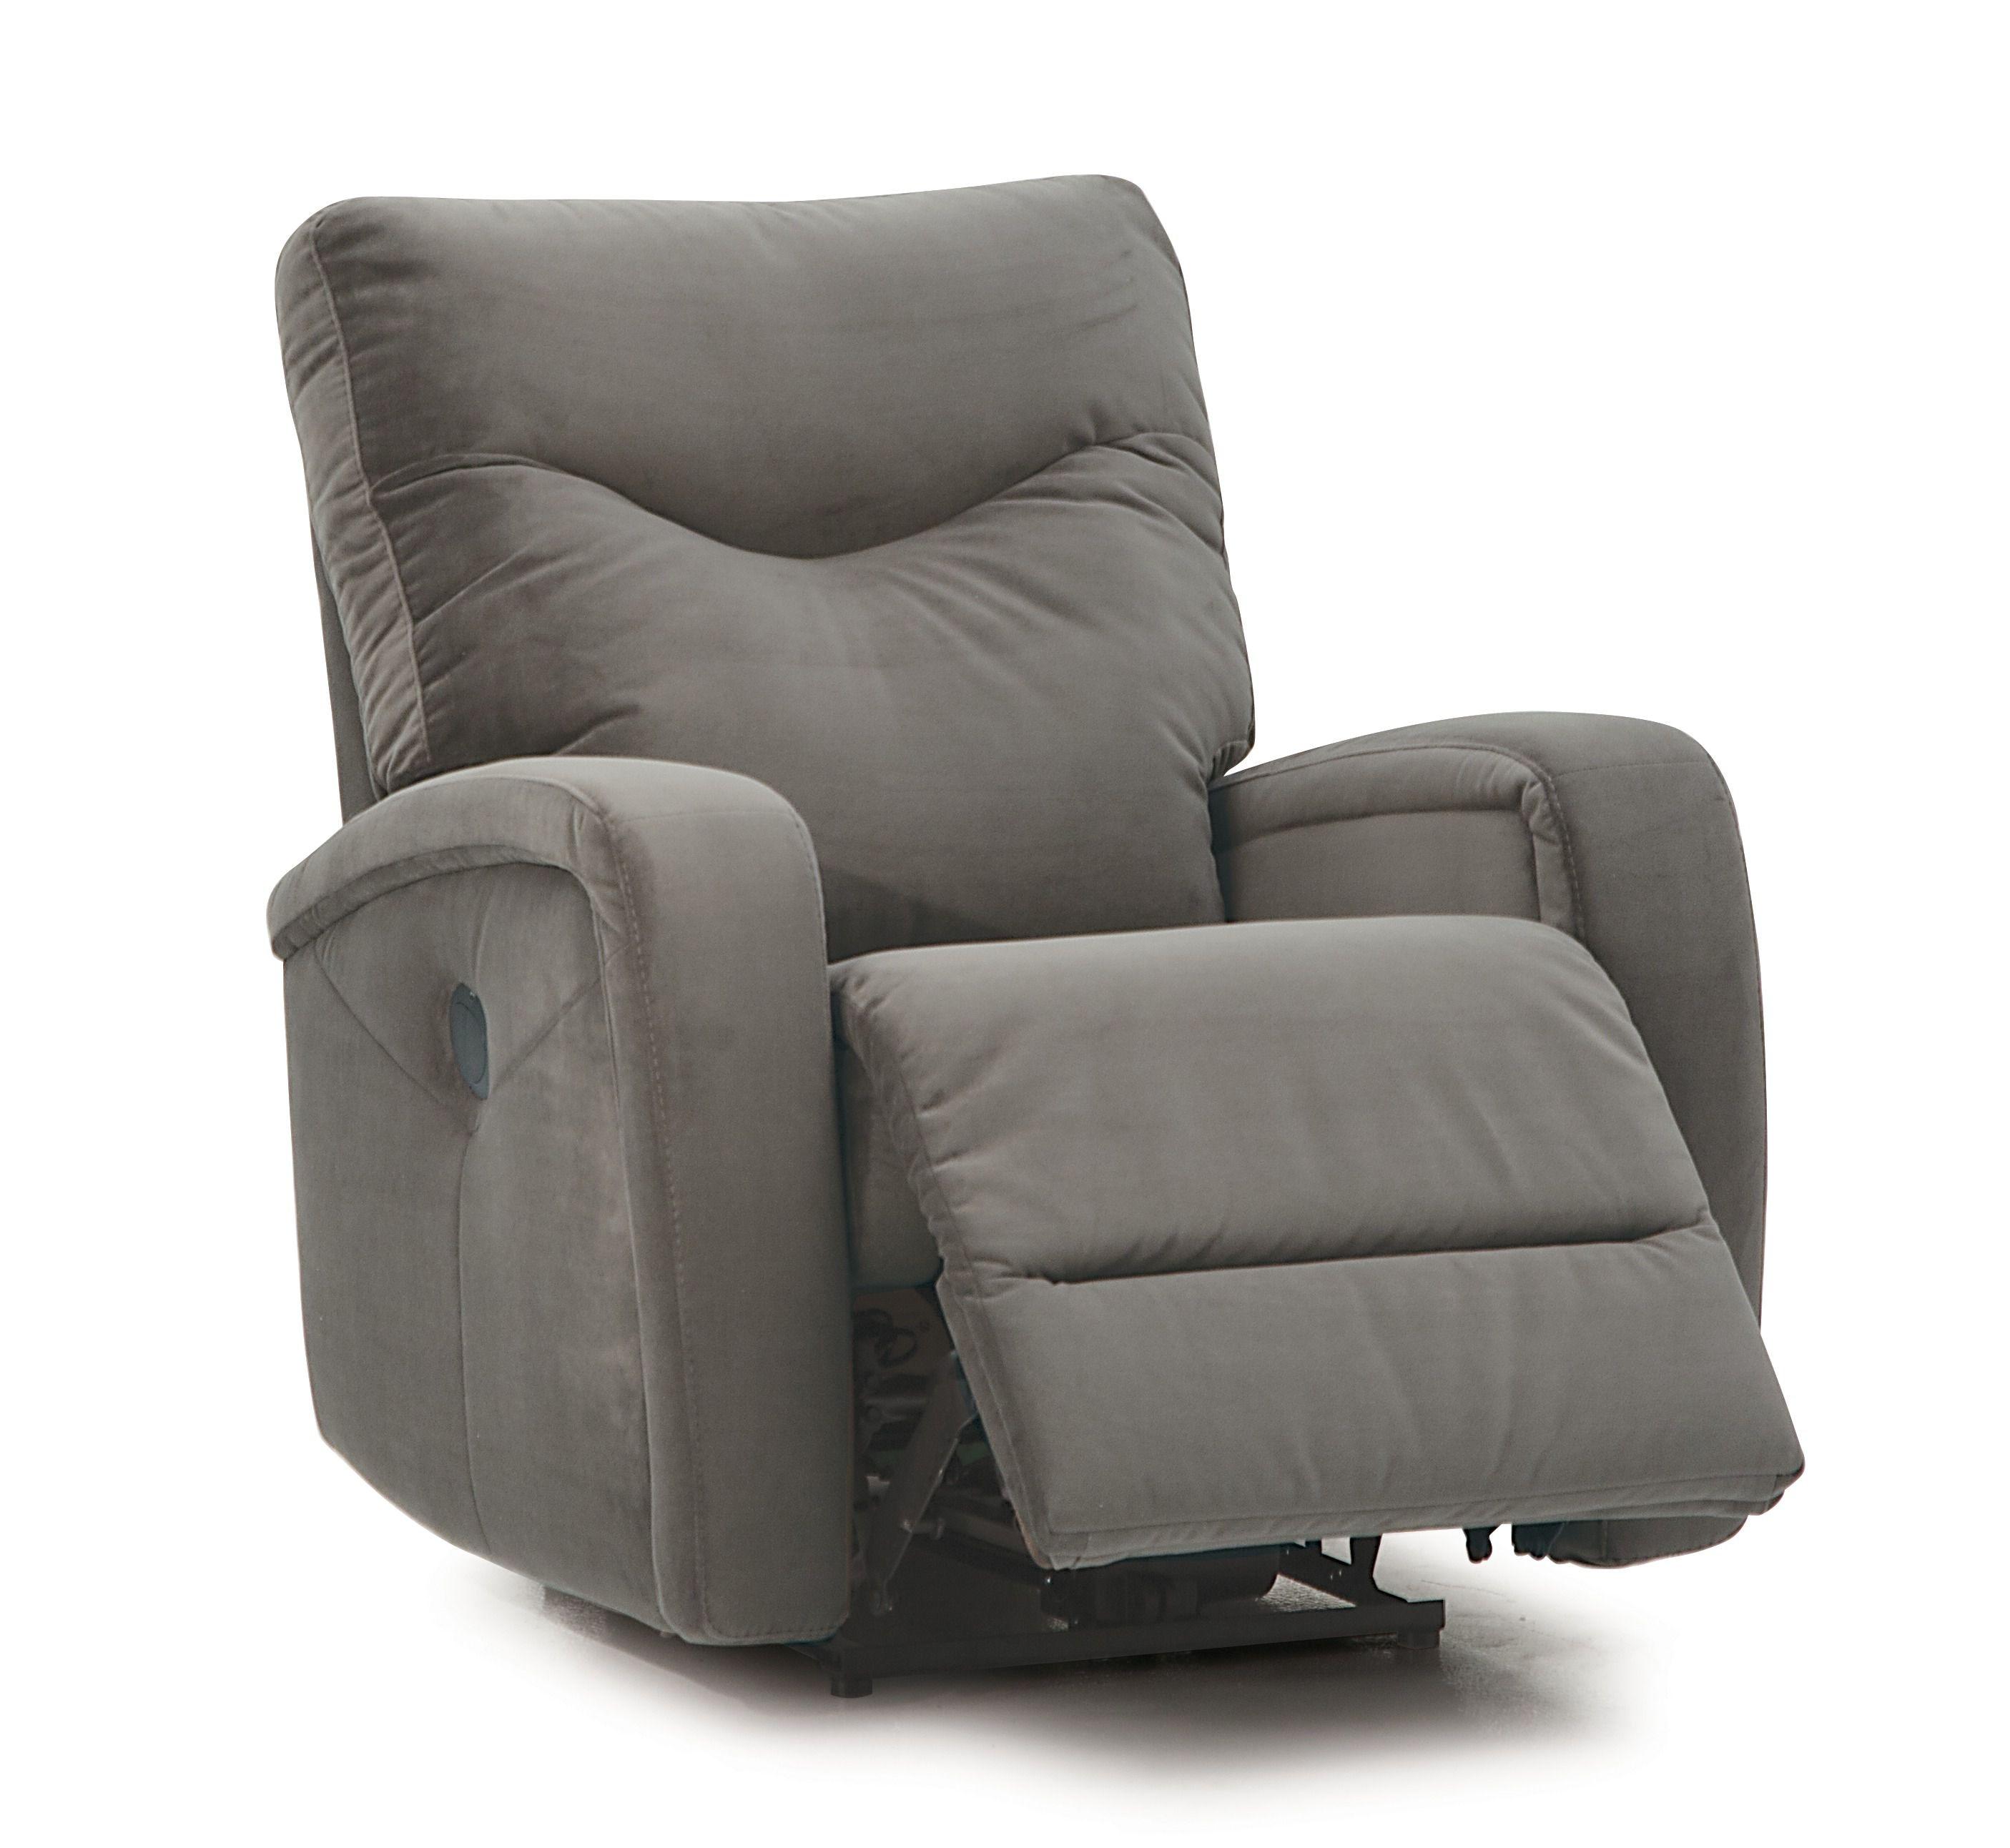 Palliser Furniture Power Lift Chair 43020 36